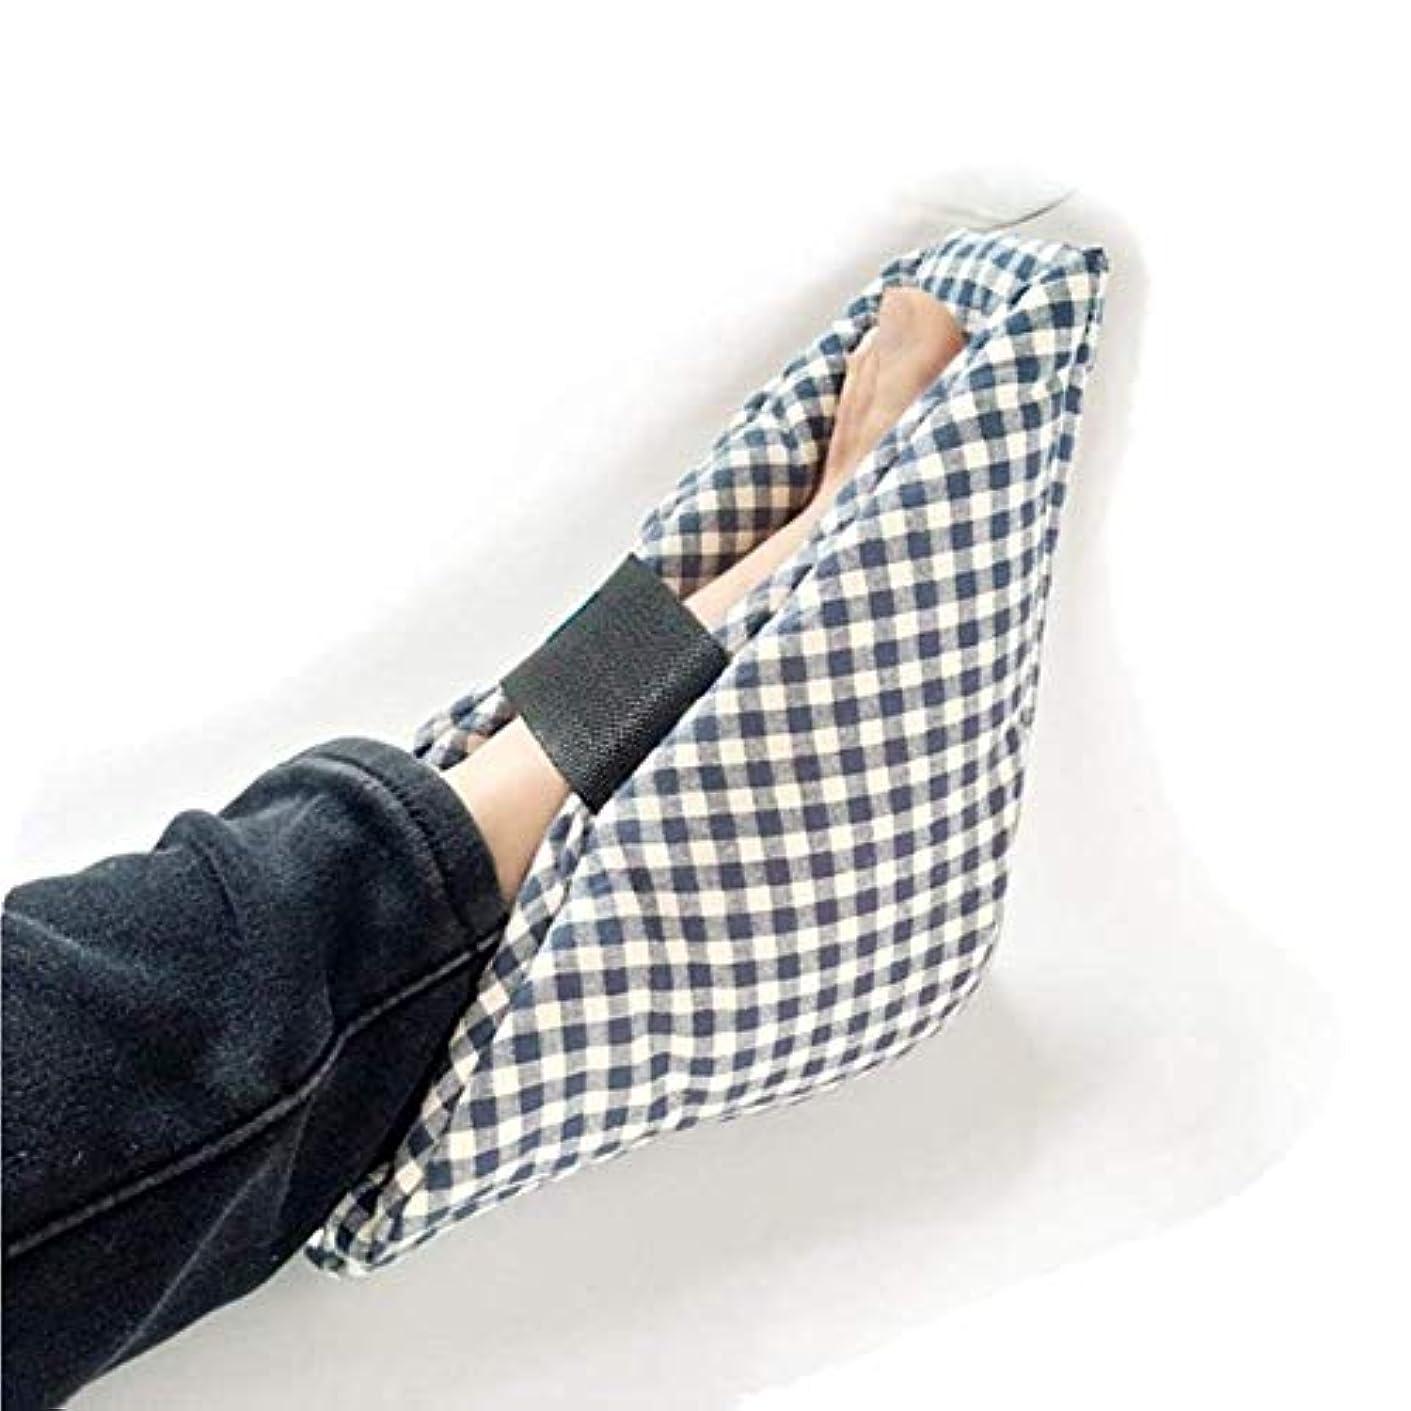 1ペアヒールクッション - 褥瘡のための足首プロテクター枕エレベーターヒールクッション、かかと潰瘍緩和&治療 - 25×25 cm